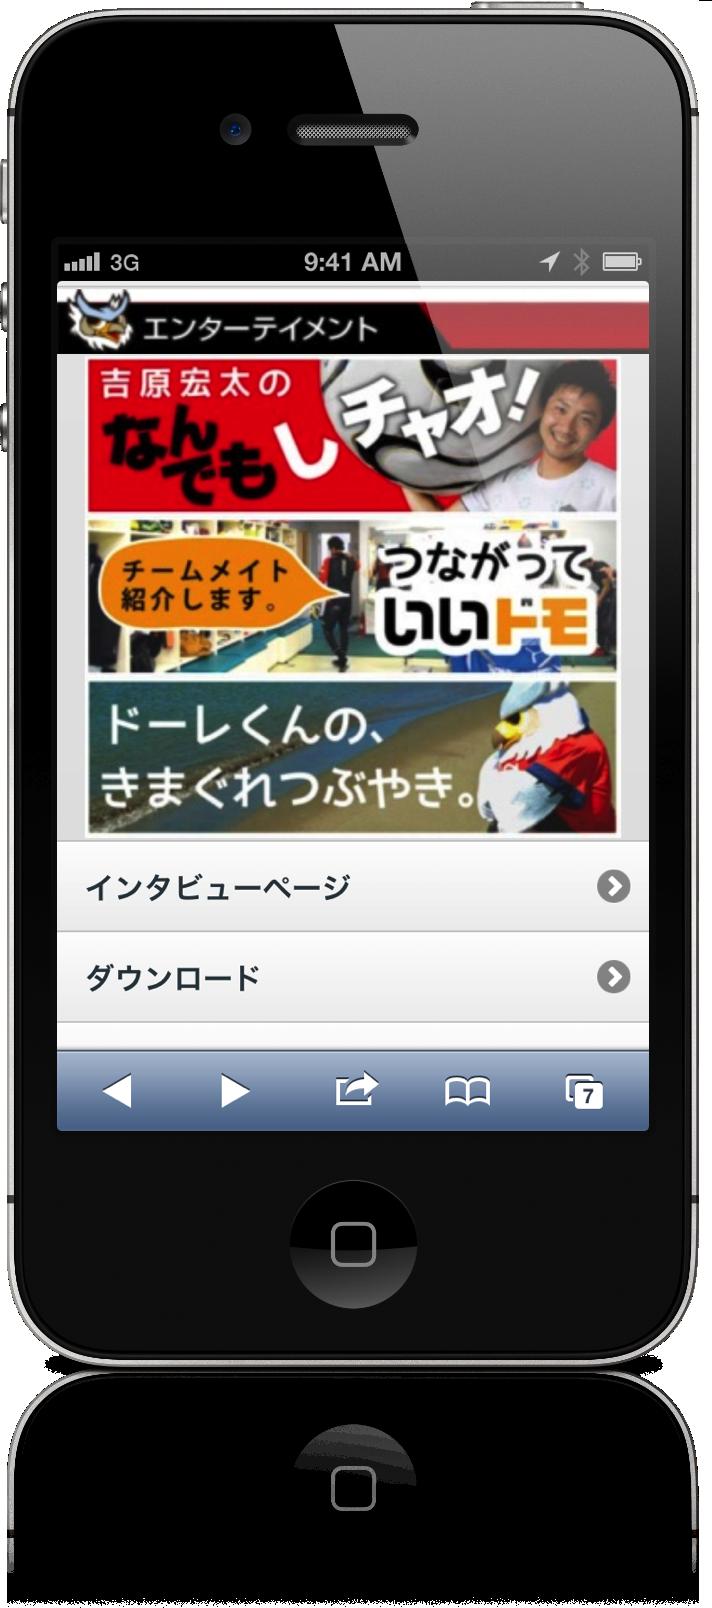 『チャオ!コン』サイトがリニューアル